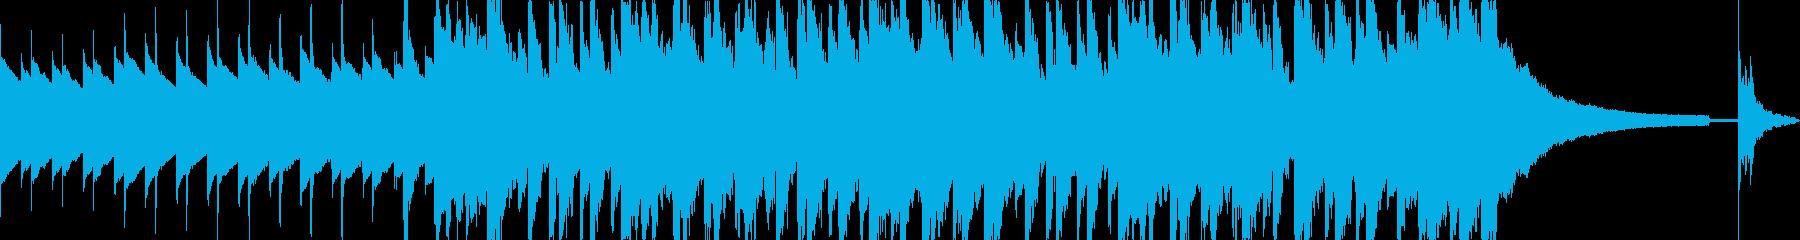 明るくハッピーでリズミカル30秒の再生済みの波形